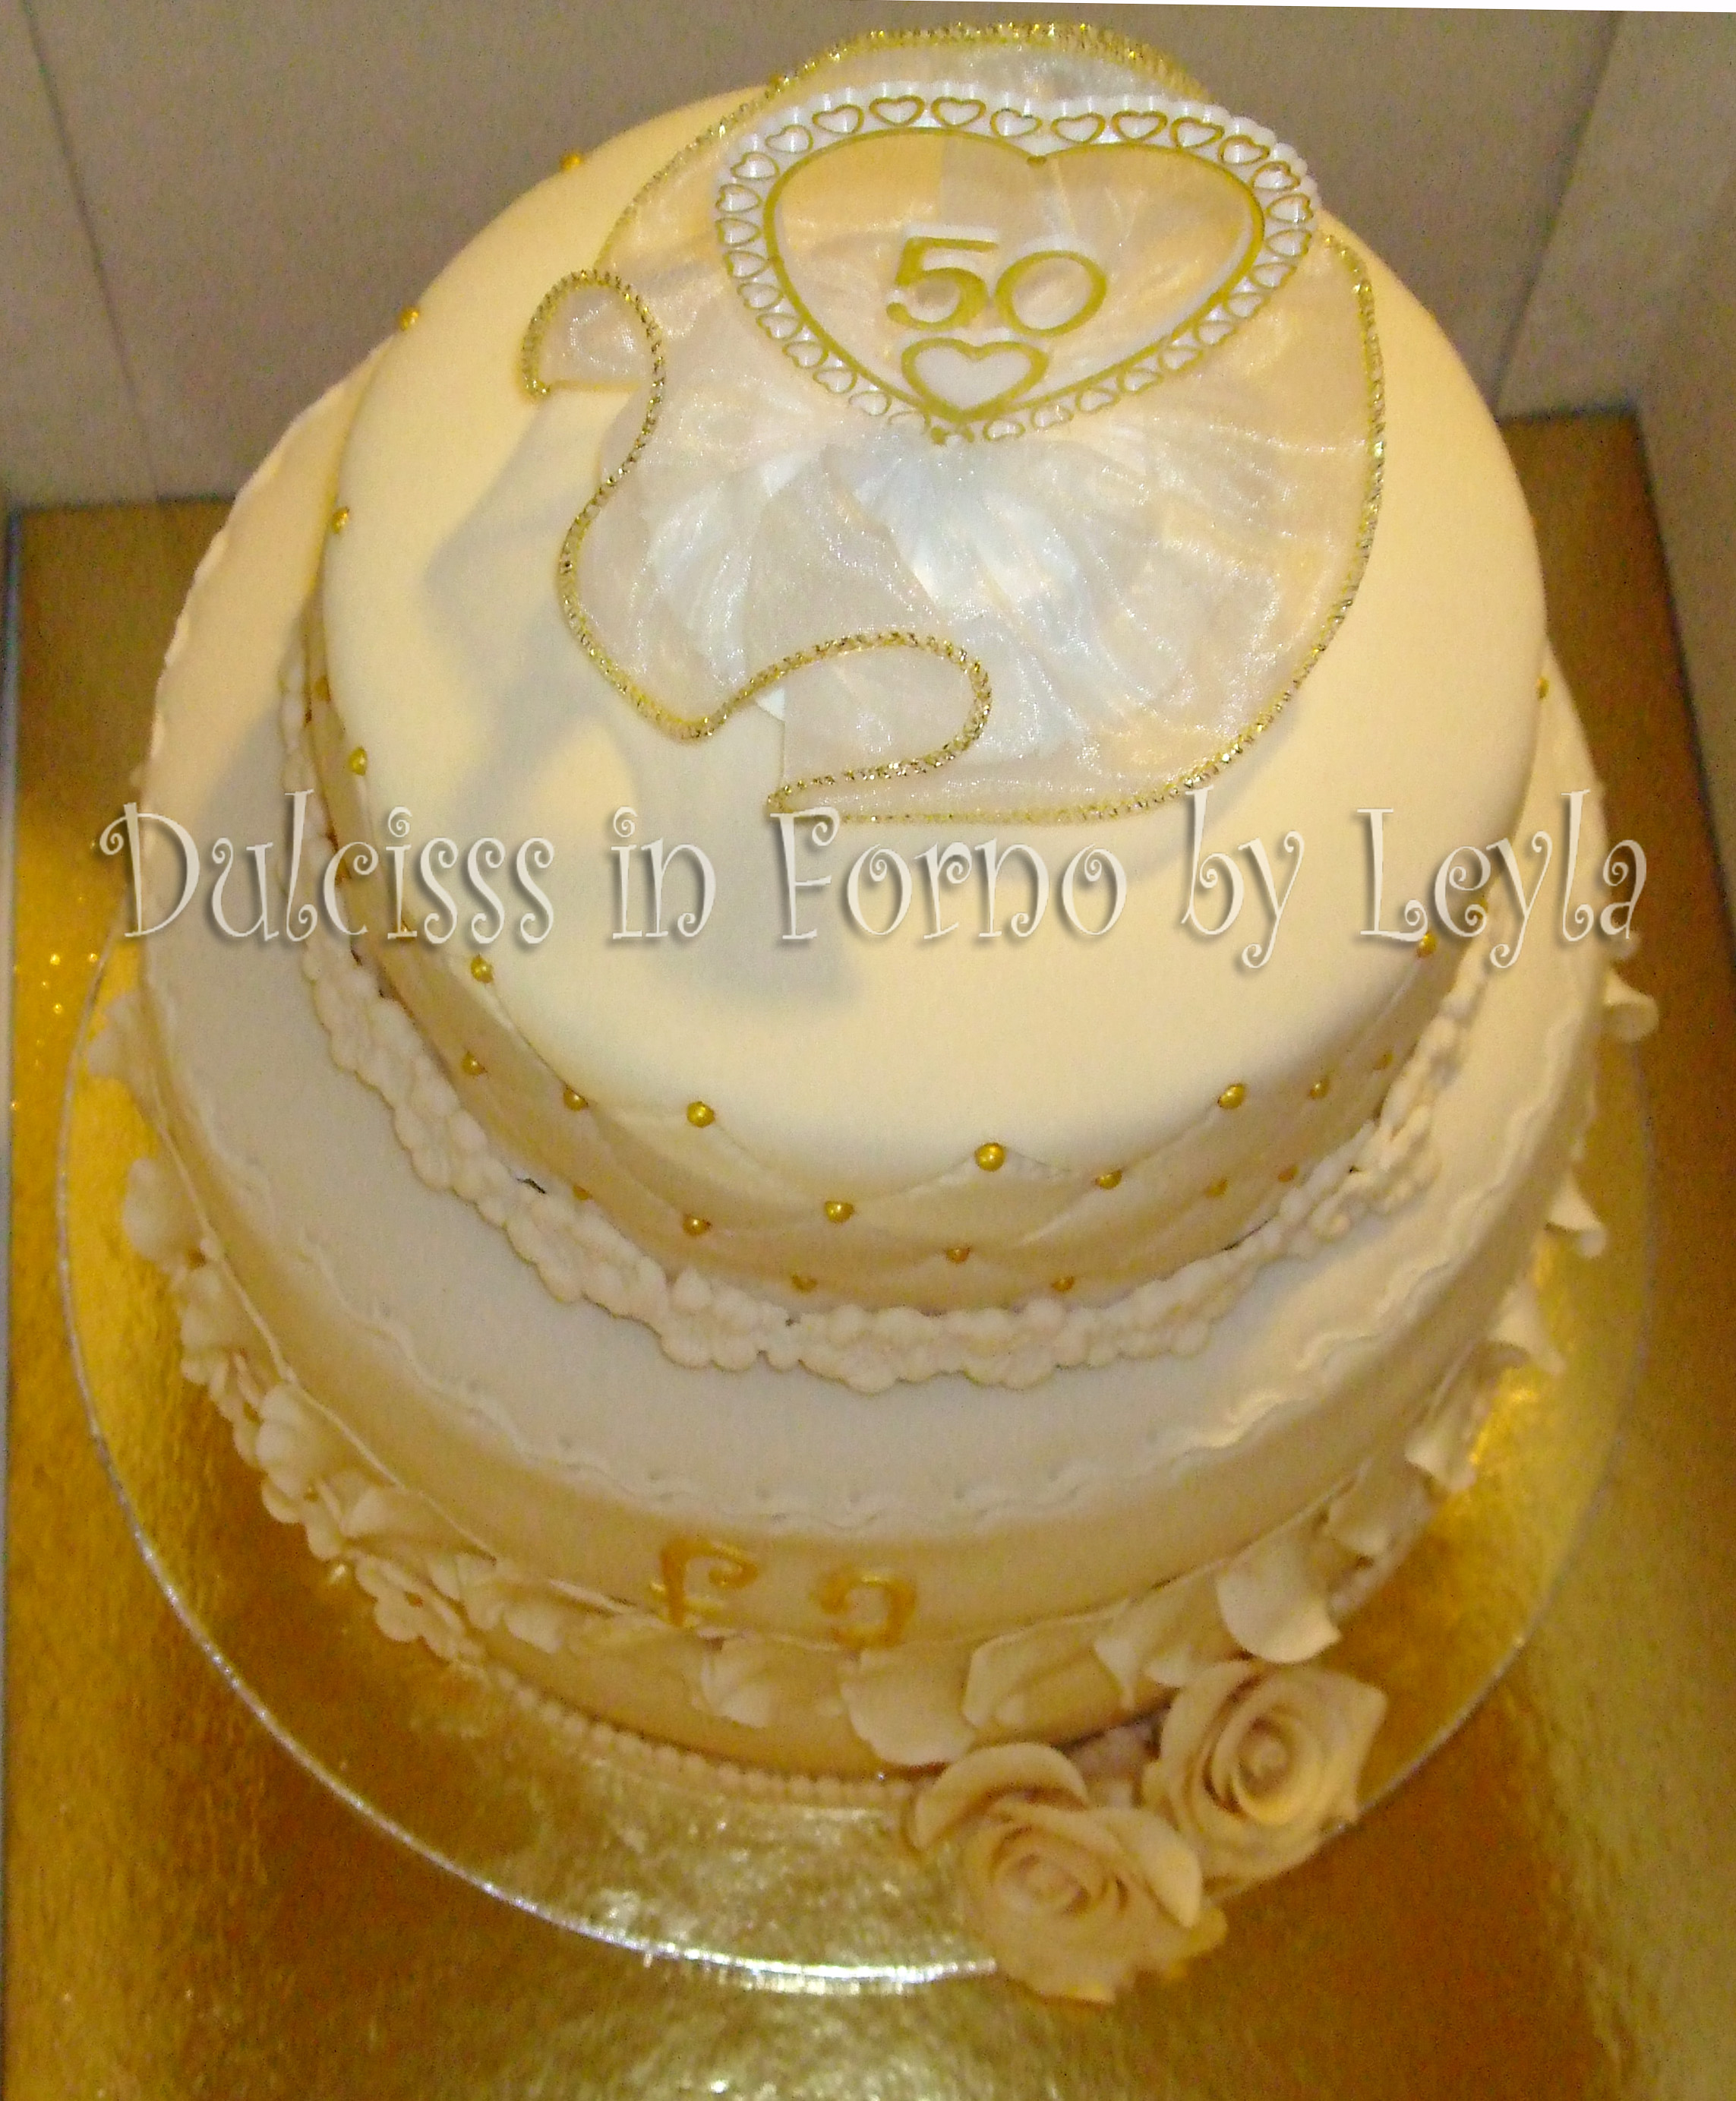 Torta Per Anniversario Di Matrimonio Giallo Zafferano.Torta 50 Anni Di Matrimonio A 3 Piani In Stile Wedding Decorata